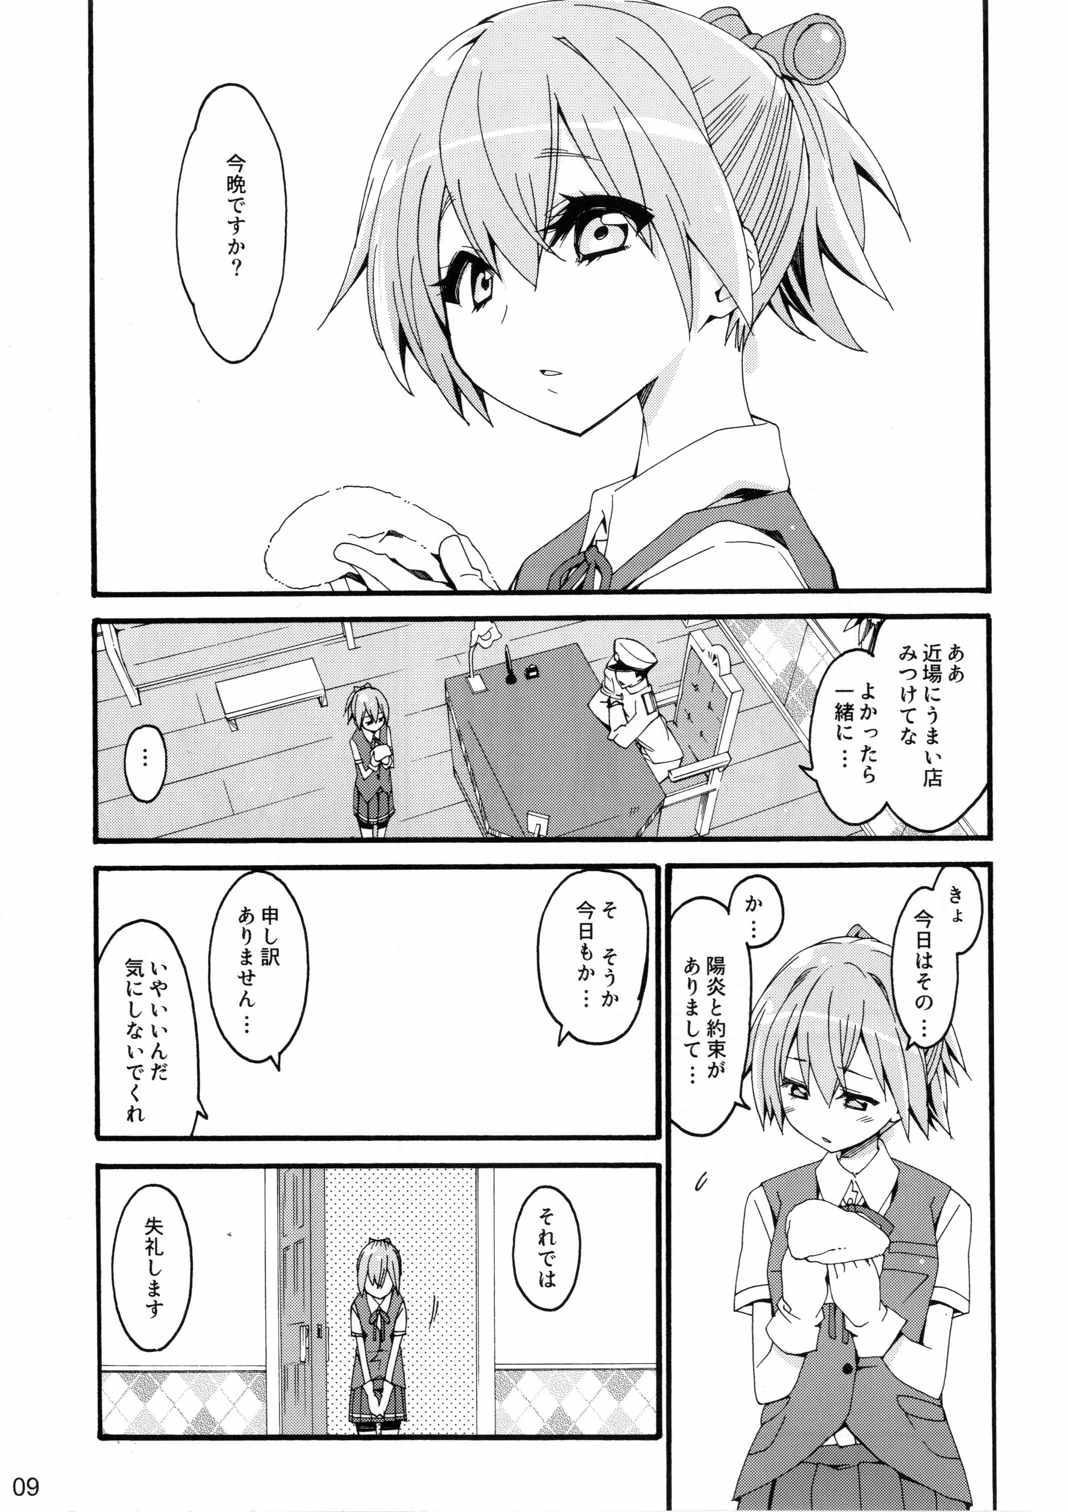 Shiranui wa Teitoku ni... 7